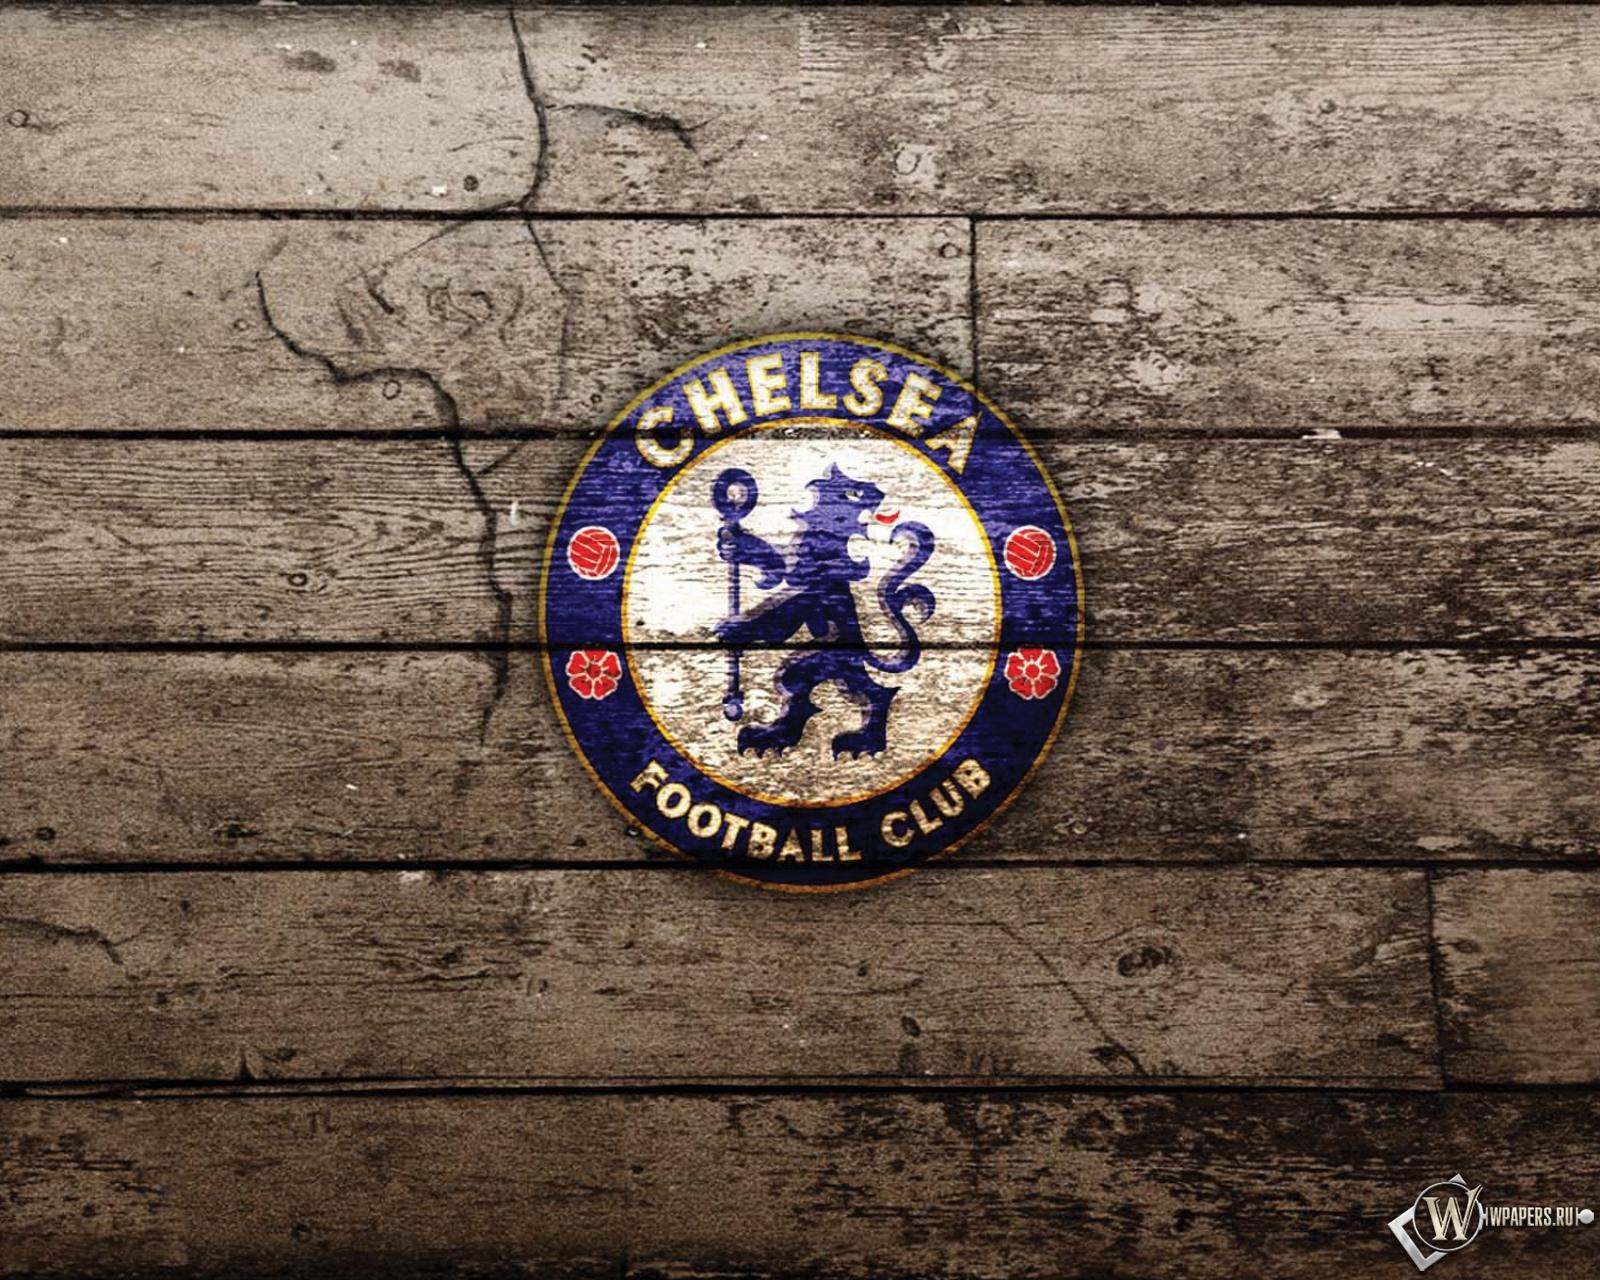 Челси: Скачать обои Челси (Эмблема, ФК, Chelsea, Челси) для